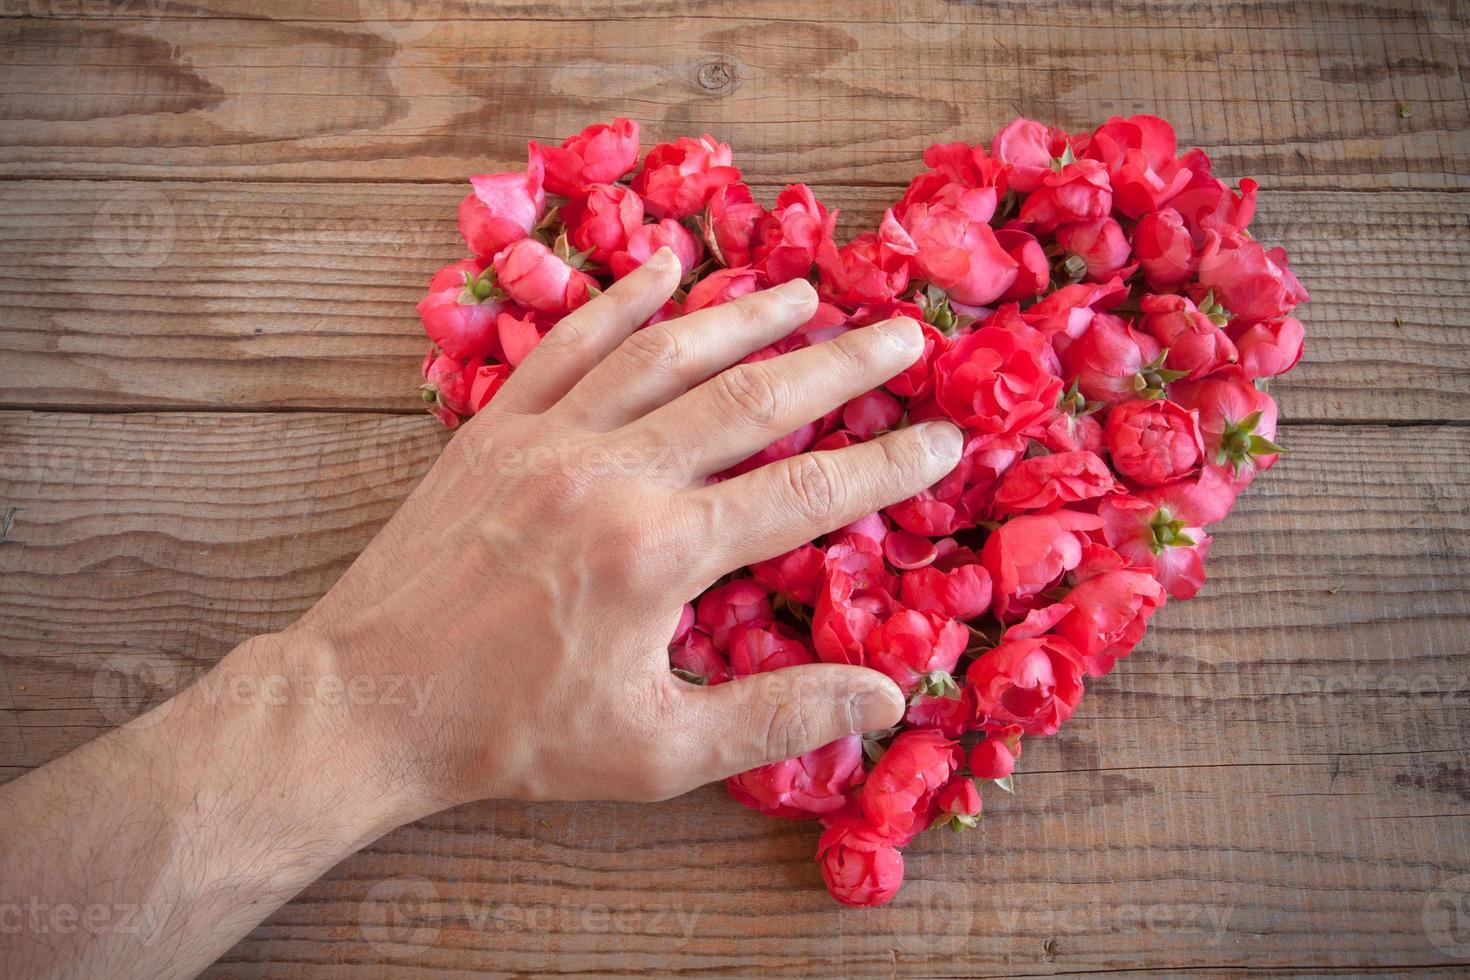 Herz aus roten Rosen von einer Hand bedeckt foto